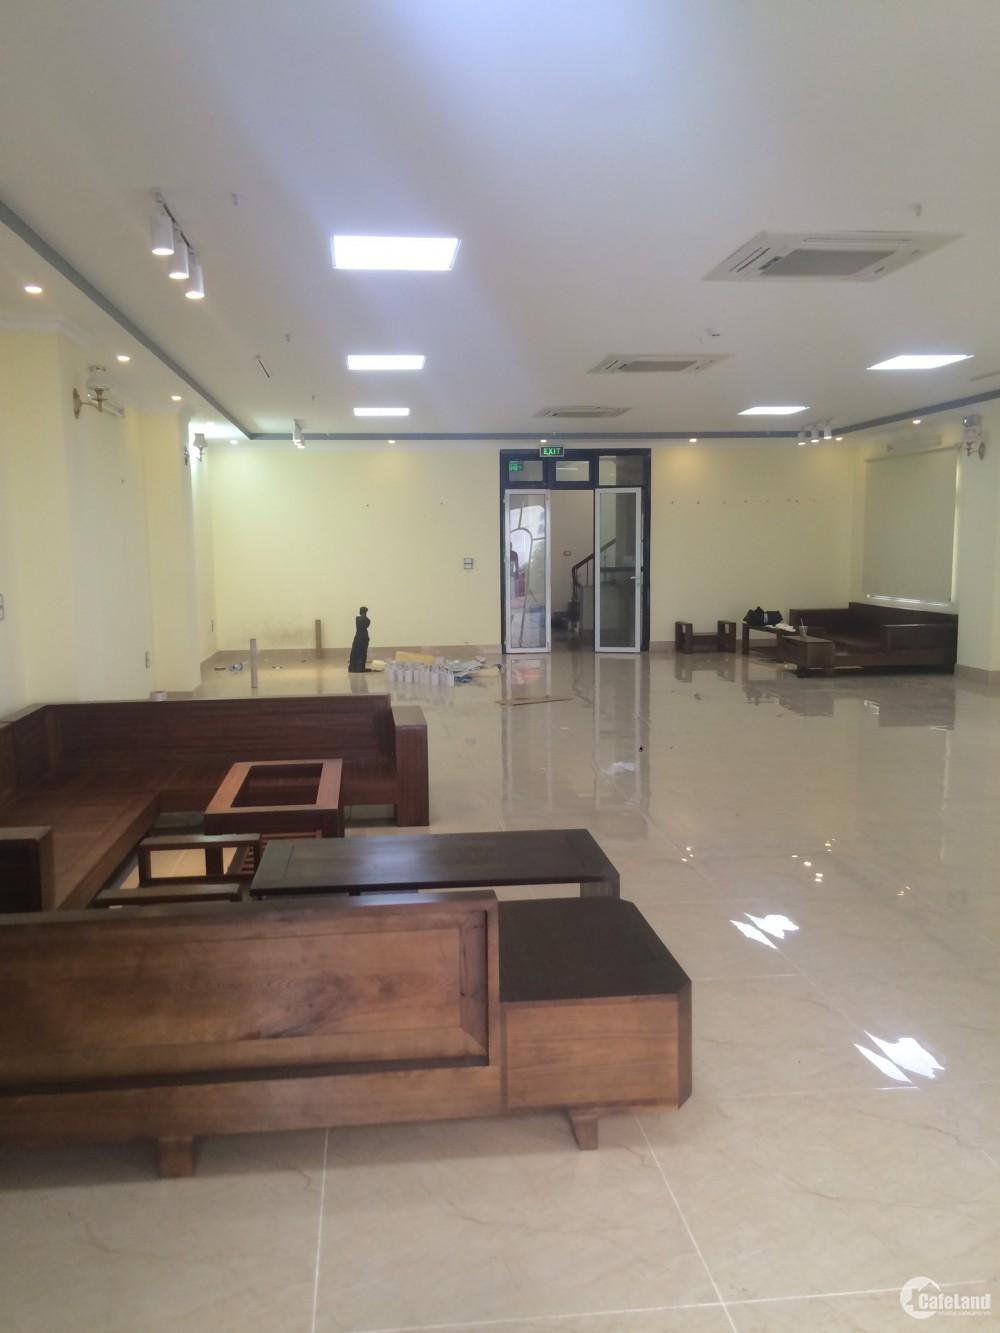 Cơ hội sở hữu văn phòng 10$ tại mặt phố Duy tân toà nhà CMC 300m2 1 sàn